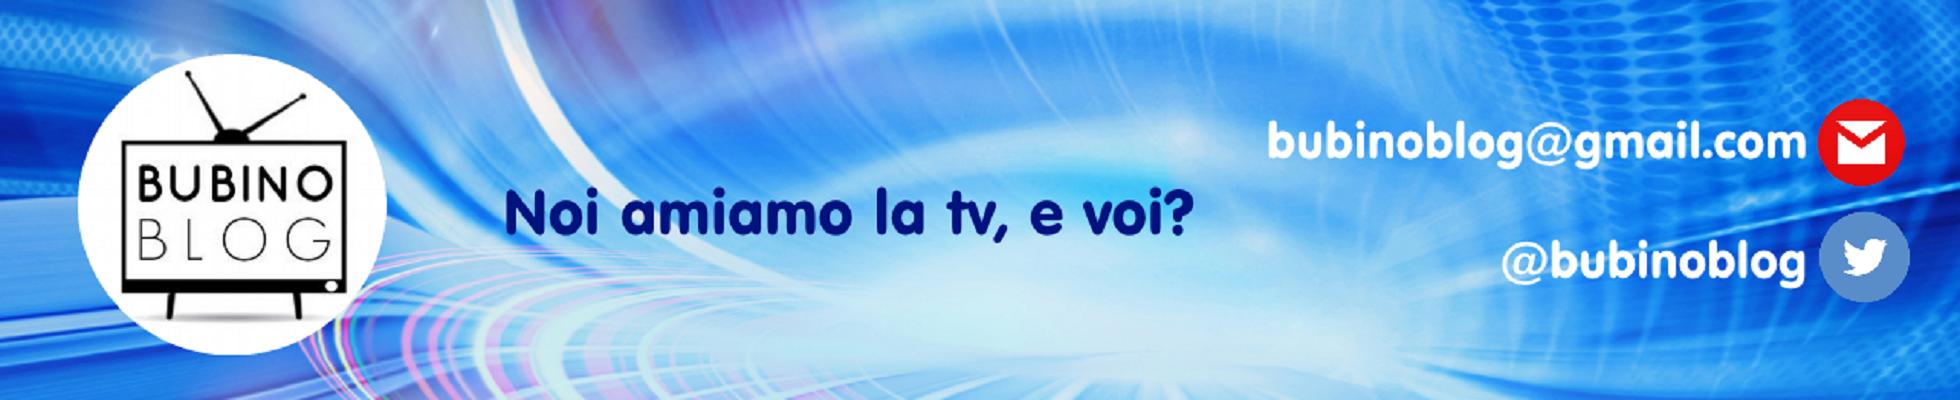 BubinoBlog – Ascolti e Notizie sulla Tv